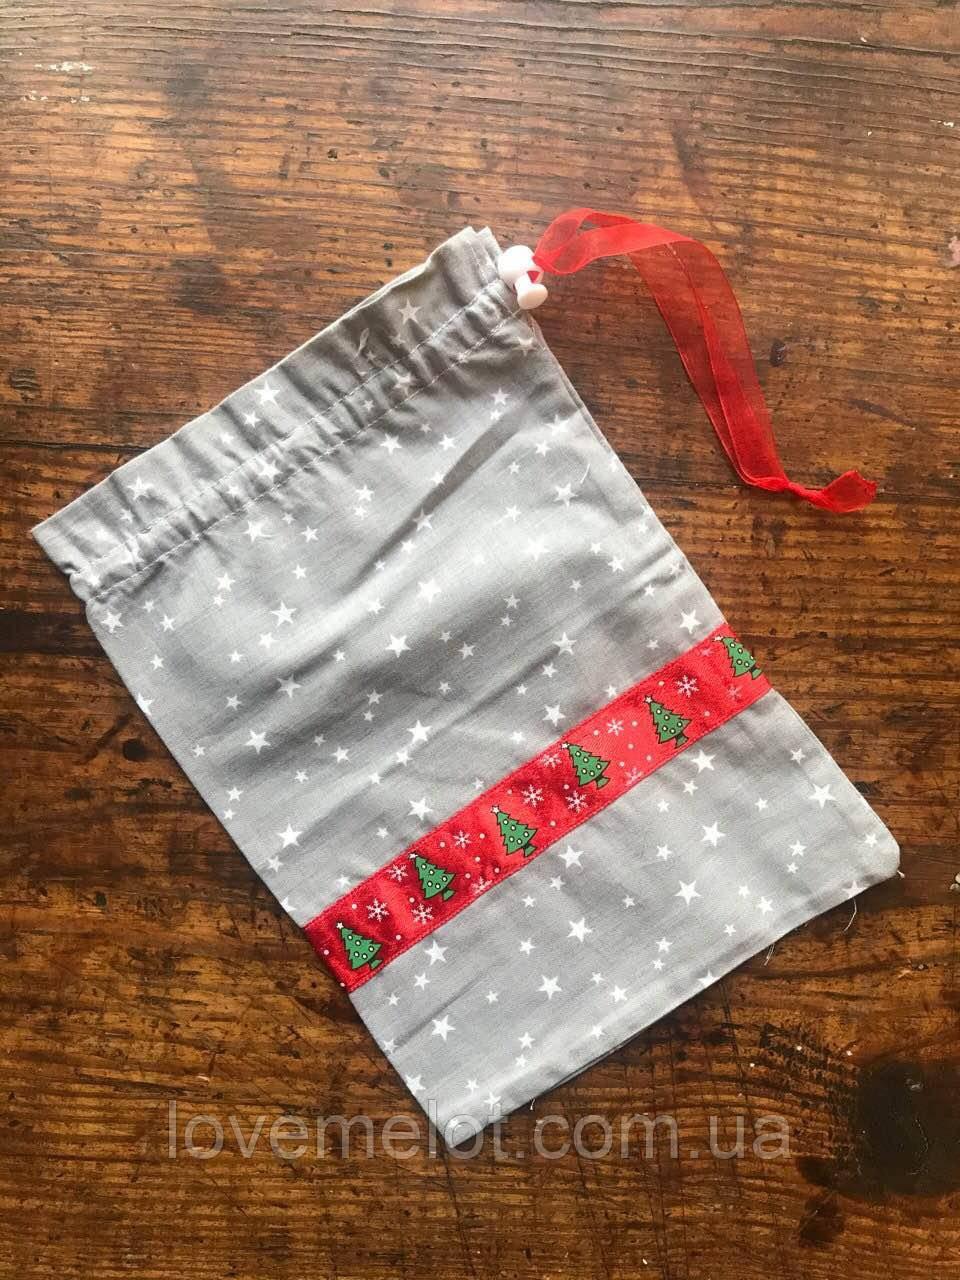 Праздничные мешочки для подарков, новогодняя упаковка, хлопковый мешочек многоразовый подарочный 20х30см